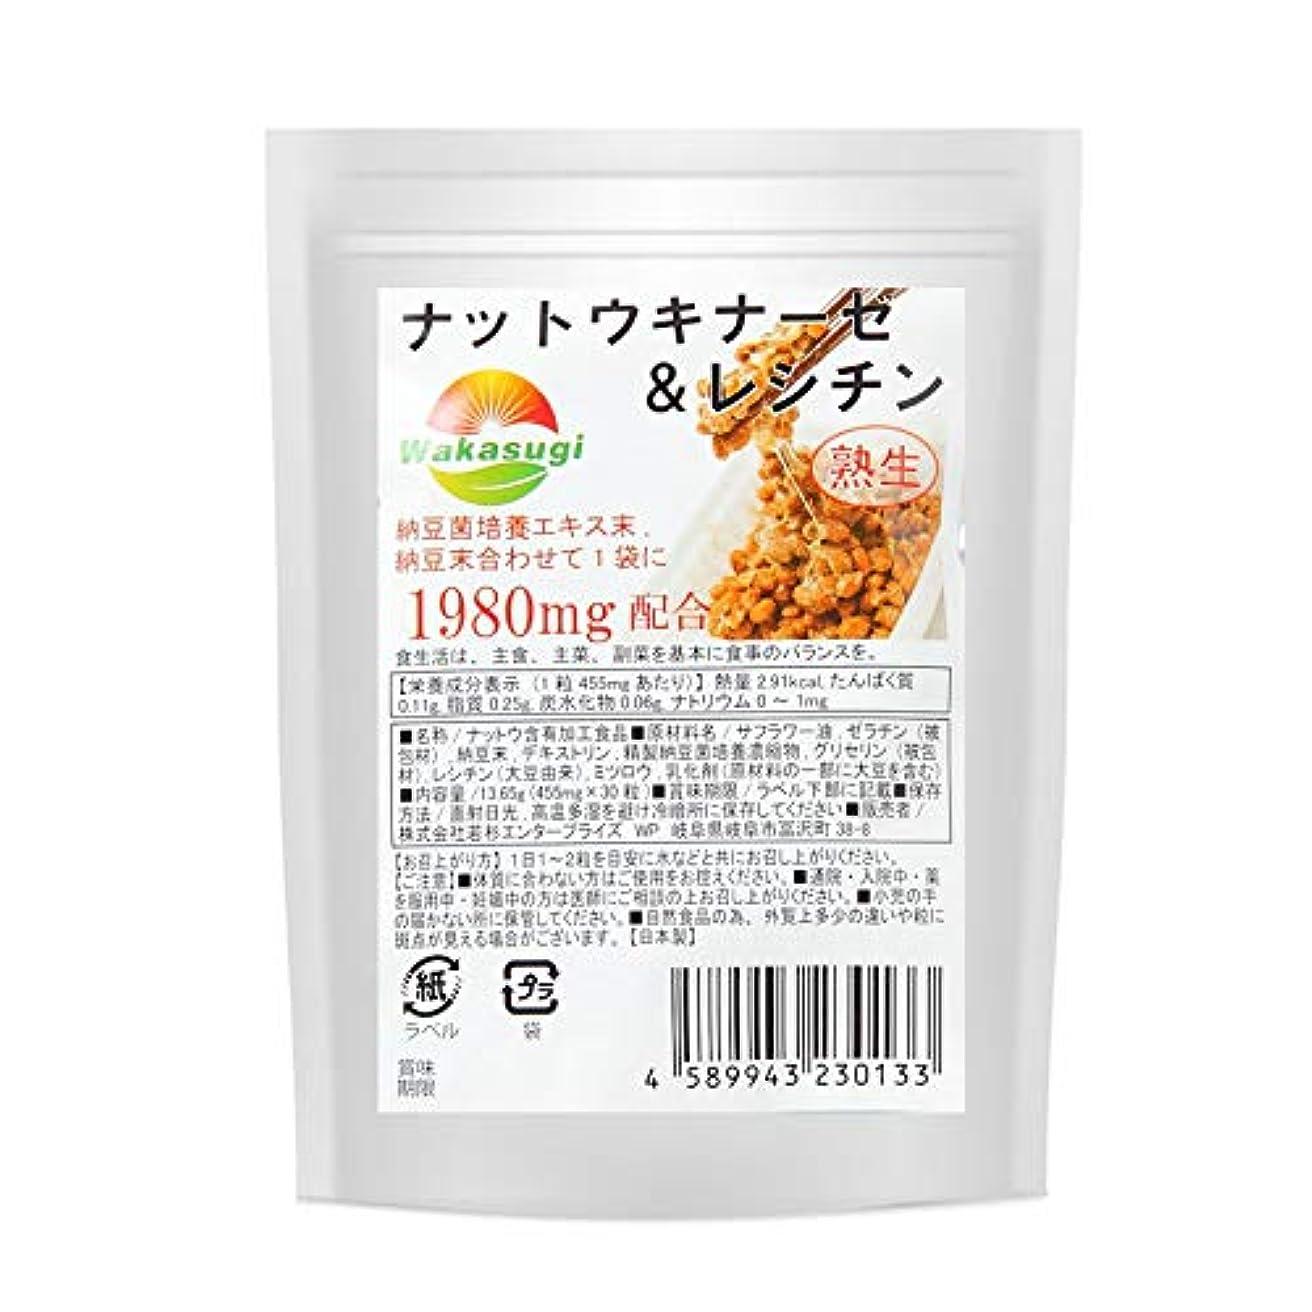 素晴らしき締め切り魚超熟 納豆サプリメント 30粒 生ナットウキナーゼ&レシチン ソフトカプセルタイプ